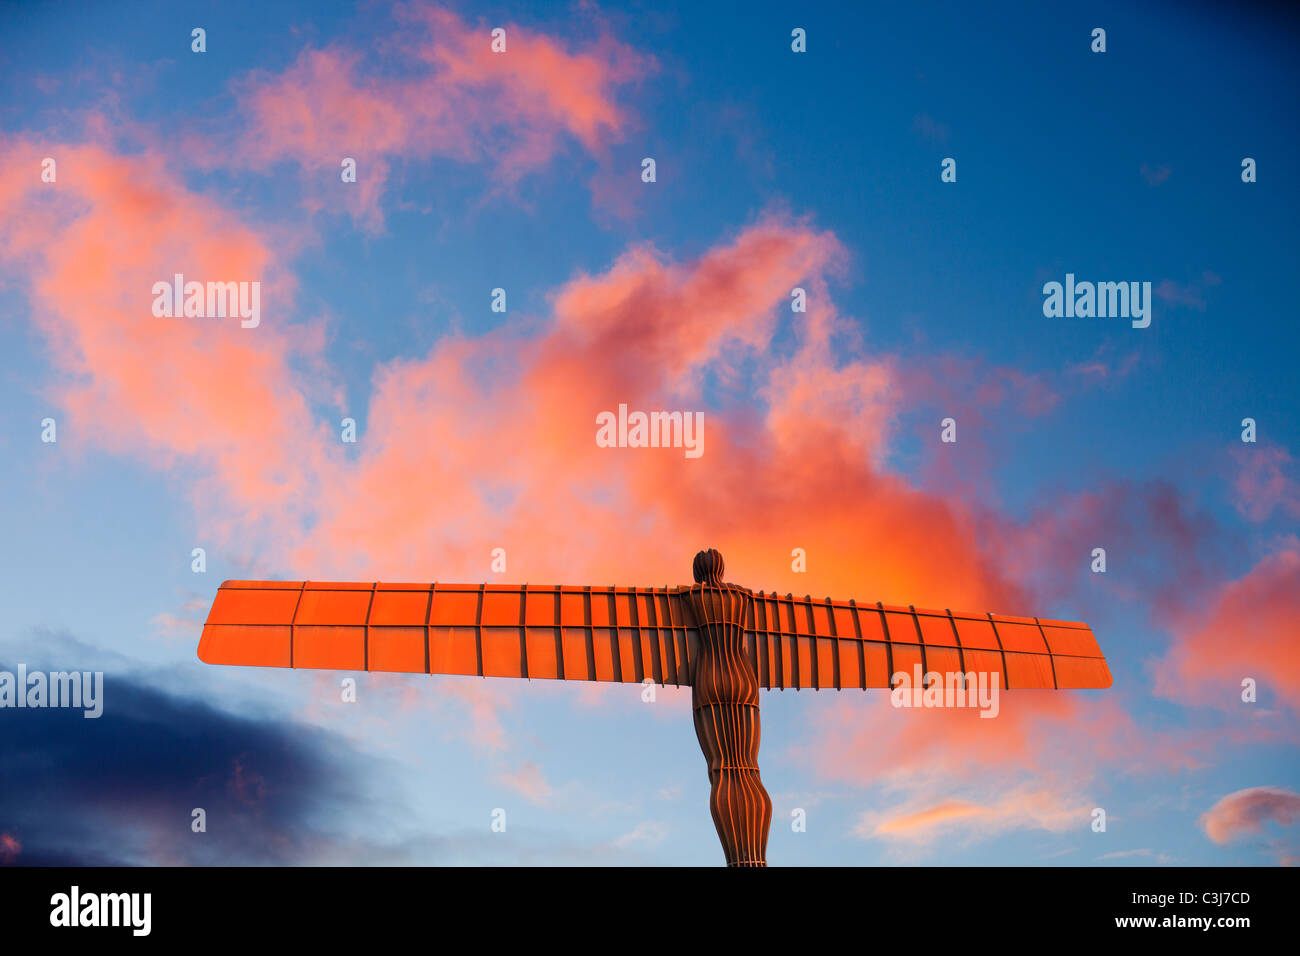 El Ángel del Norte al atardecer, Gateshead, Reino Unido. Imagen De Stock